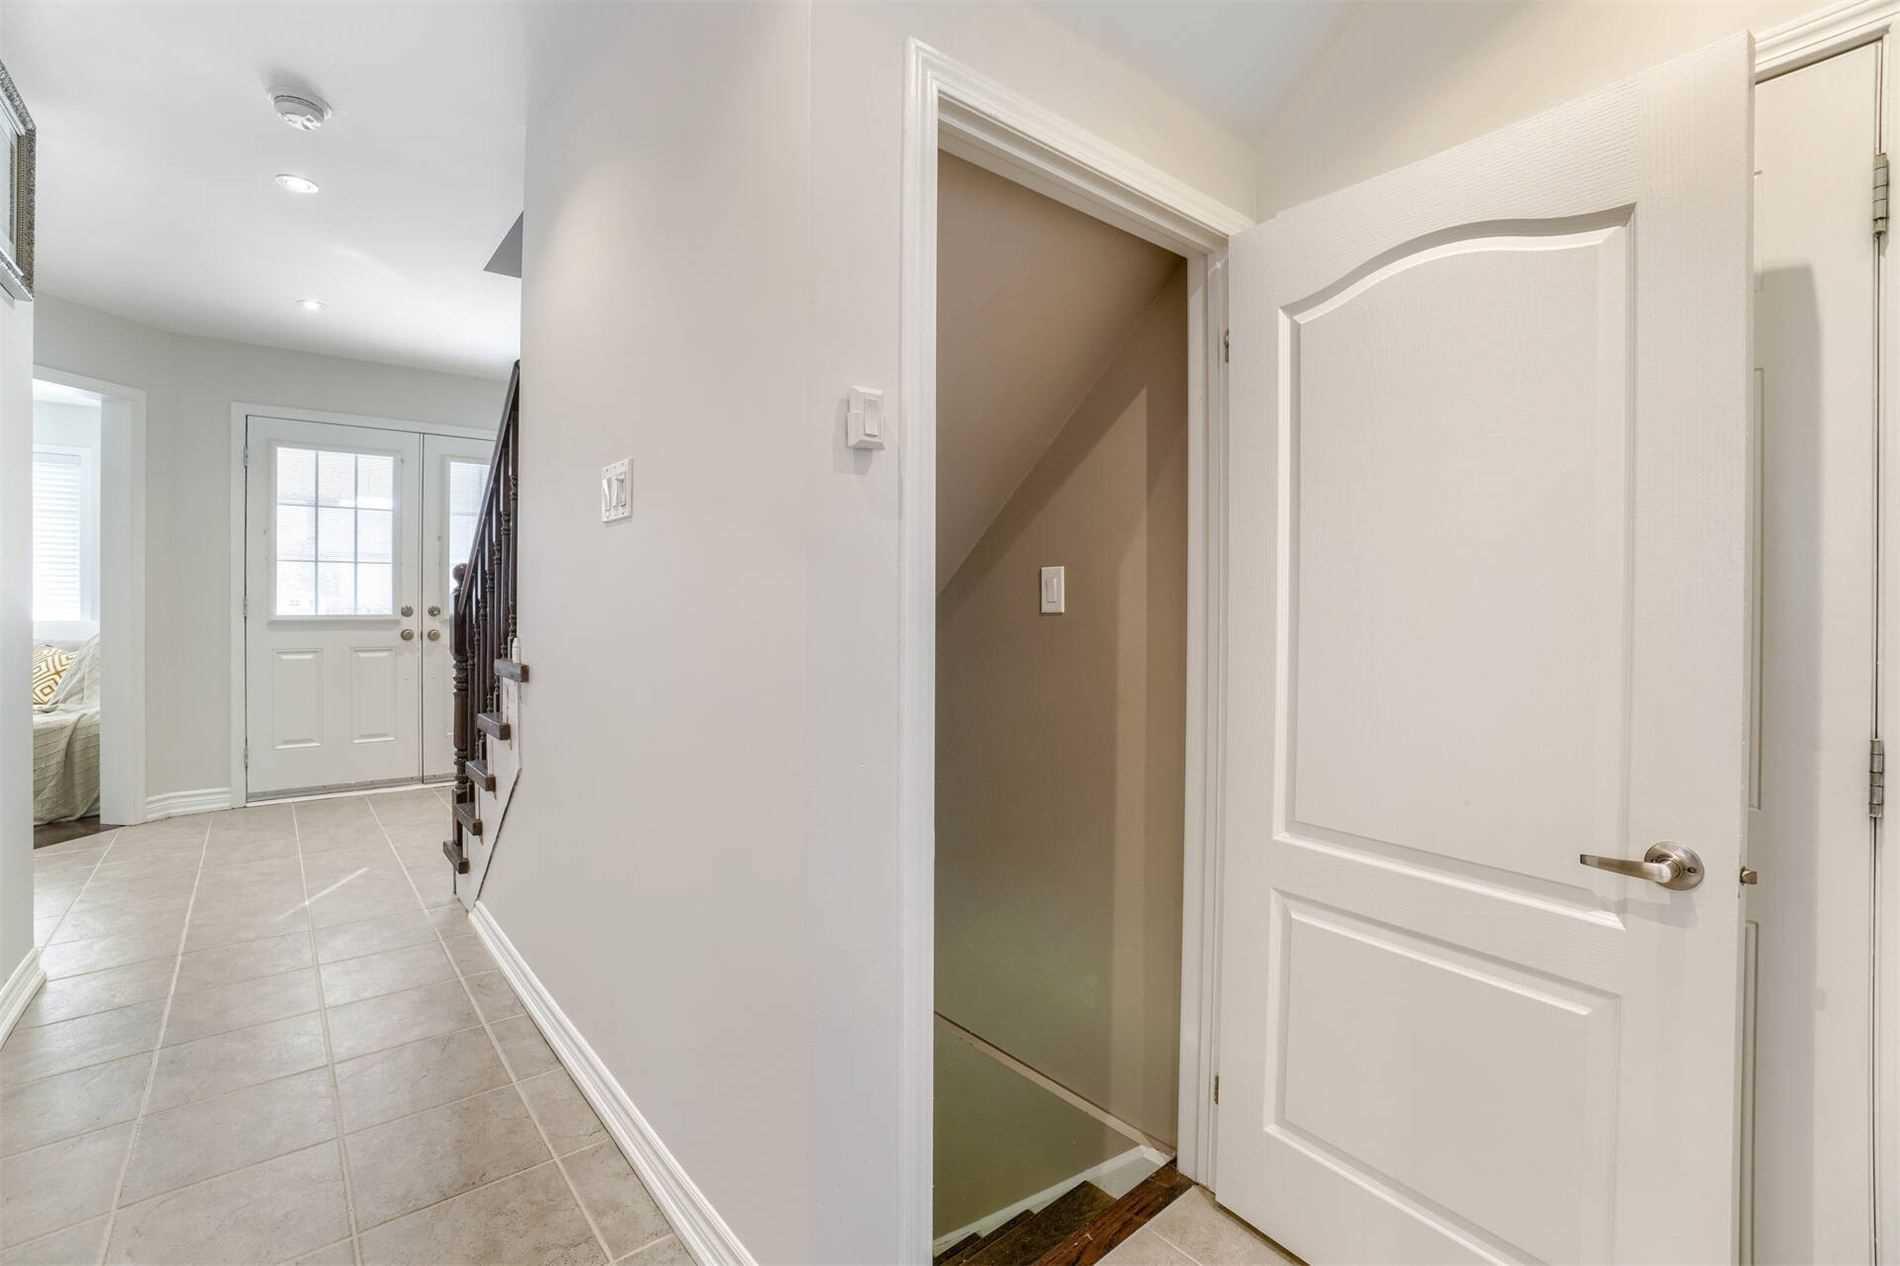 909 Hepburn Rd - Coates Detached for sale, 4 Bedrooms (W5398610) - #29